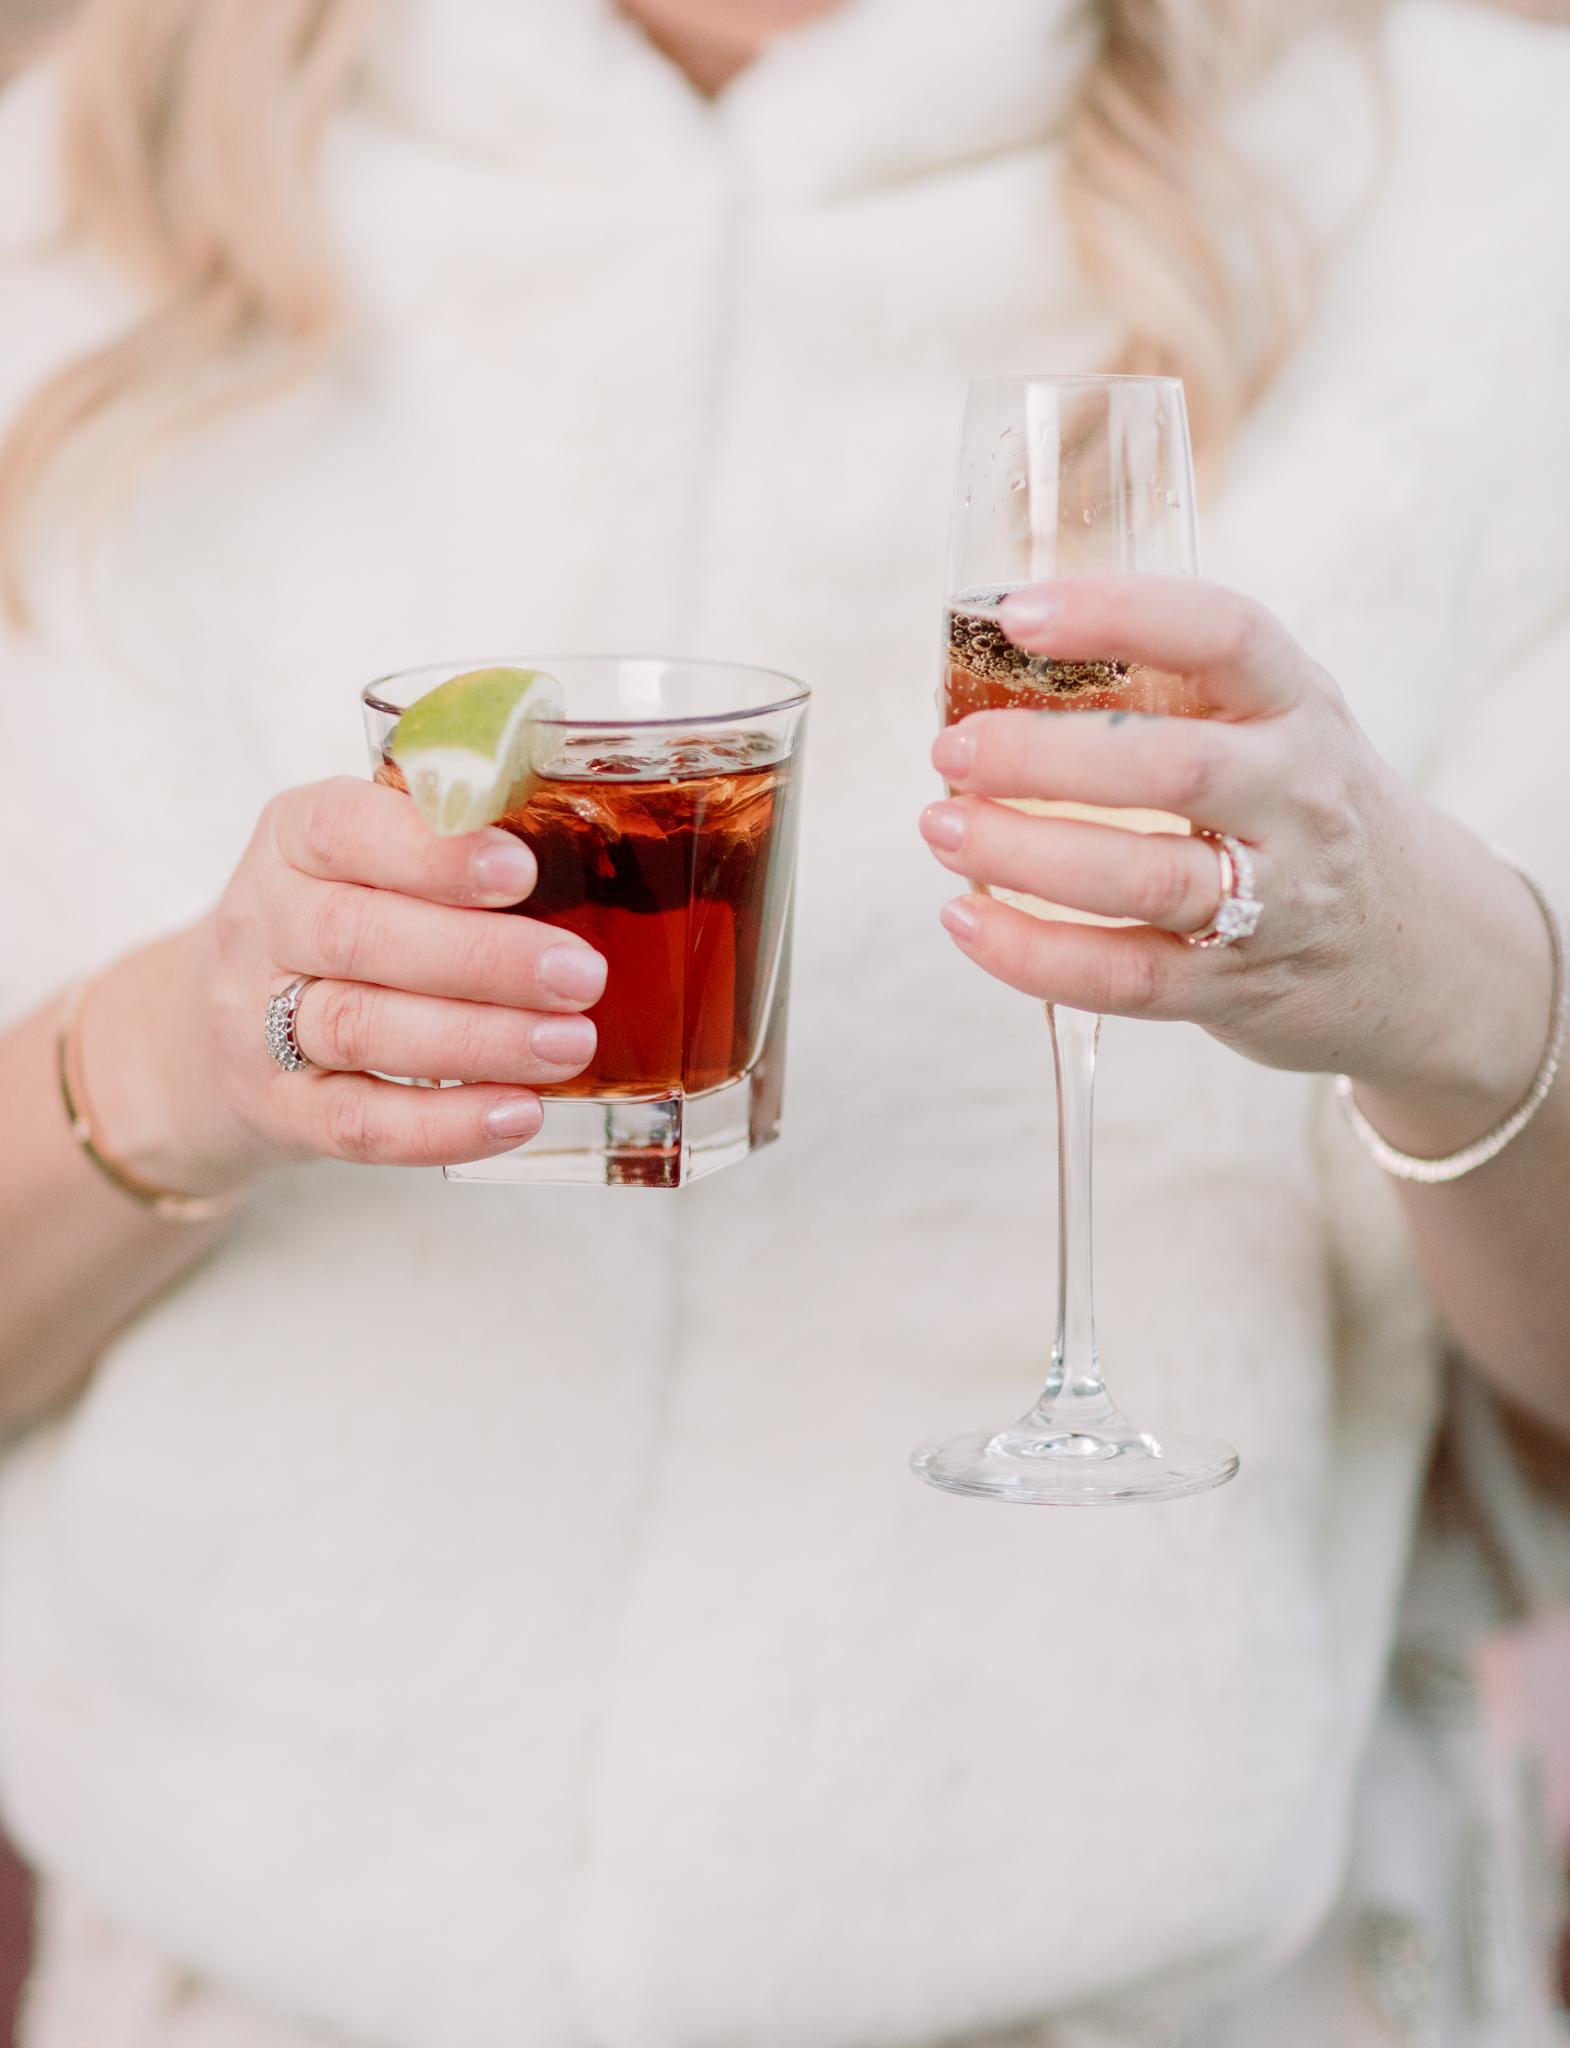 Devils-Thumb-Ranch-Tabernash-Colorado-Winter-Broad-Axe-Barn-Wedding-Deck-Ceremony-Bride-and-Groom-Signature-Cocktail